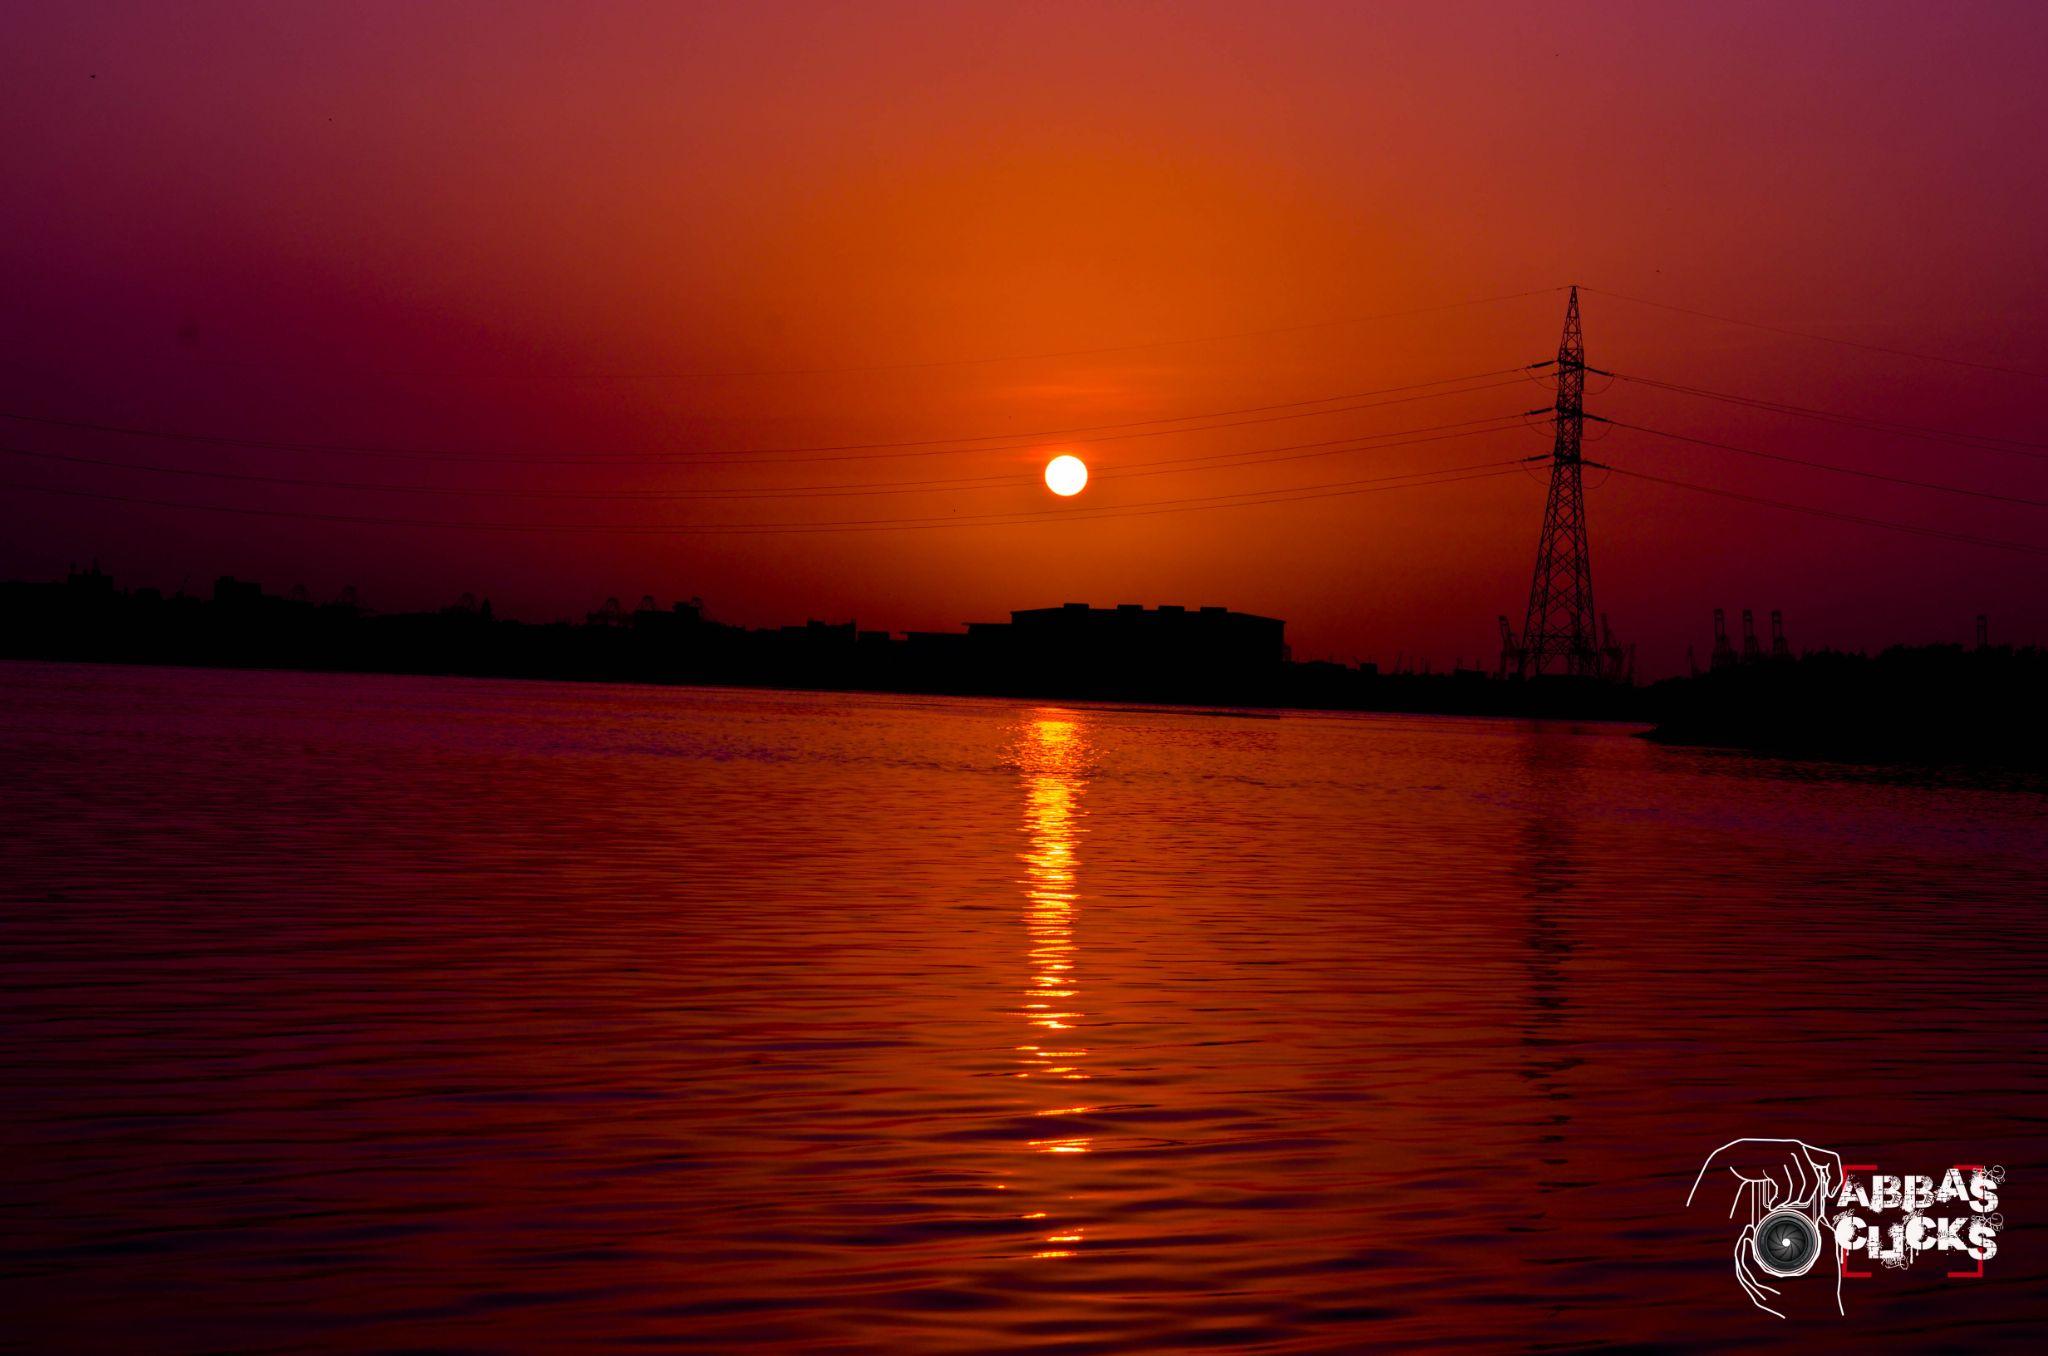 Sun Set View at Benazir Park Karachi by abbas haider